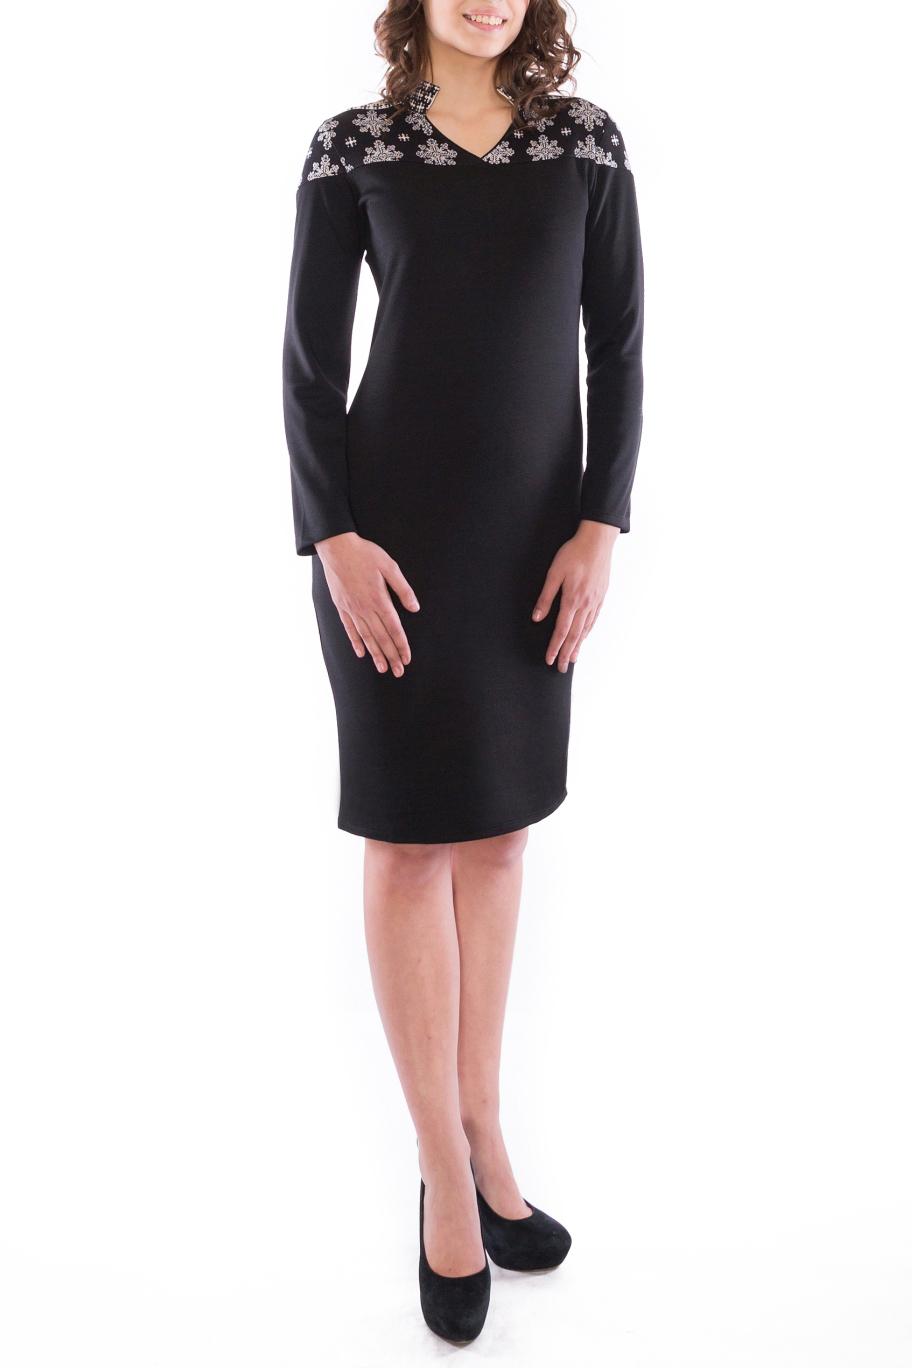 ПлатьеПлатья<br>Прелестное черное платье с воротником стойкой и элементами отделки из принтованной ткани на плечах. Простота и в то же время изысканность модели сделает его любимым платьем в Вашем гардеробе.  Длина платья 98-100 см  В изделии использованы цвета: черный, белый, серый  Рост девушки-фотомодели 176 см<br><br>Горловина: Фигурная горловина<br>По длине: До колена<br>По материалу: Вискоза,Трикотаж<br>По рисунку: С принтом,Цветные<br>По силуэту: Приталенные<br>По стилю: Повседневный стиль<br>По форме: Платье - футляр<br>Рукав: Длинный рукав<br>По сезону: Осень,Весна,Зима<br>Размер : 48,52<br>Материал: Трикотаж<br>Количество в наличии: 4